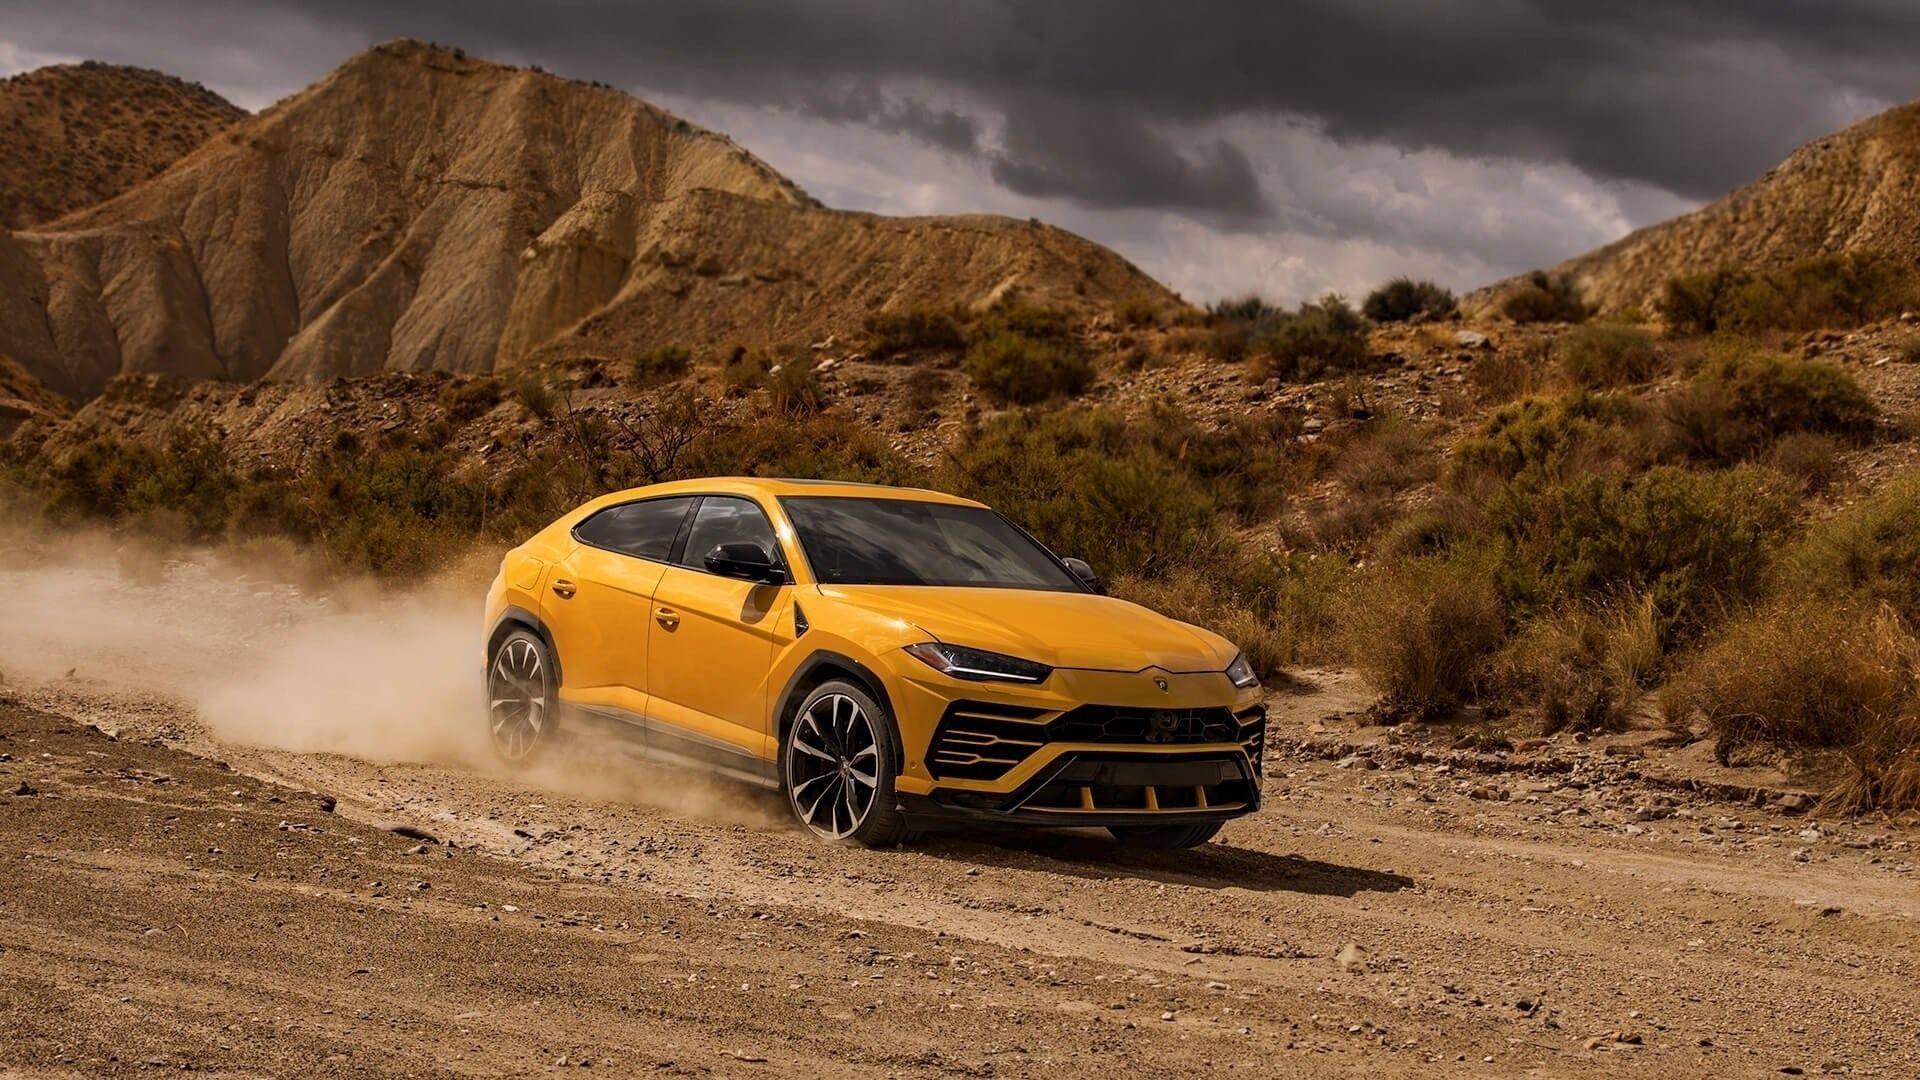 Best 2020 Renault Megane Suv Engine Car Price 2019 Lamborghini